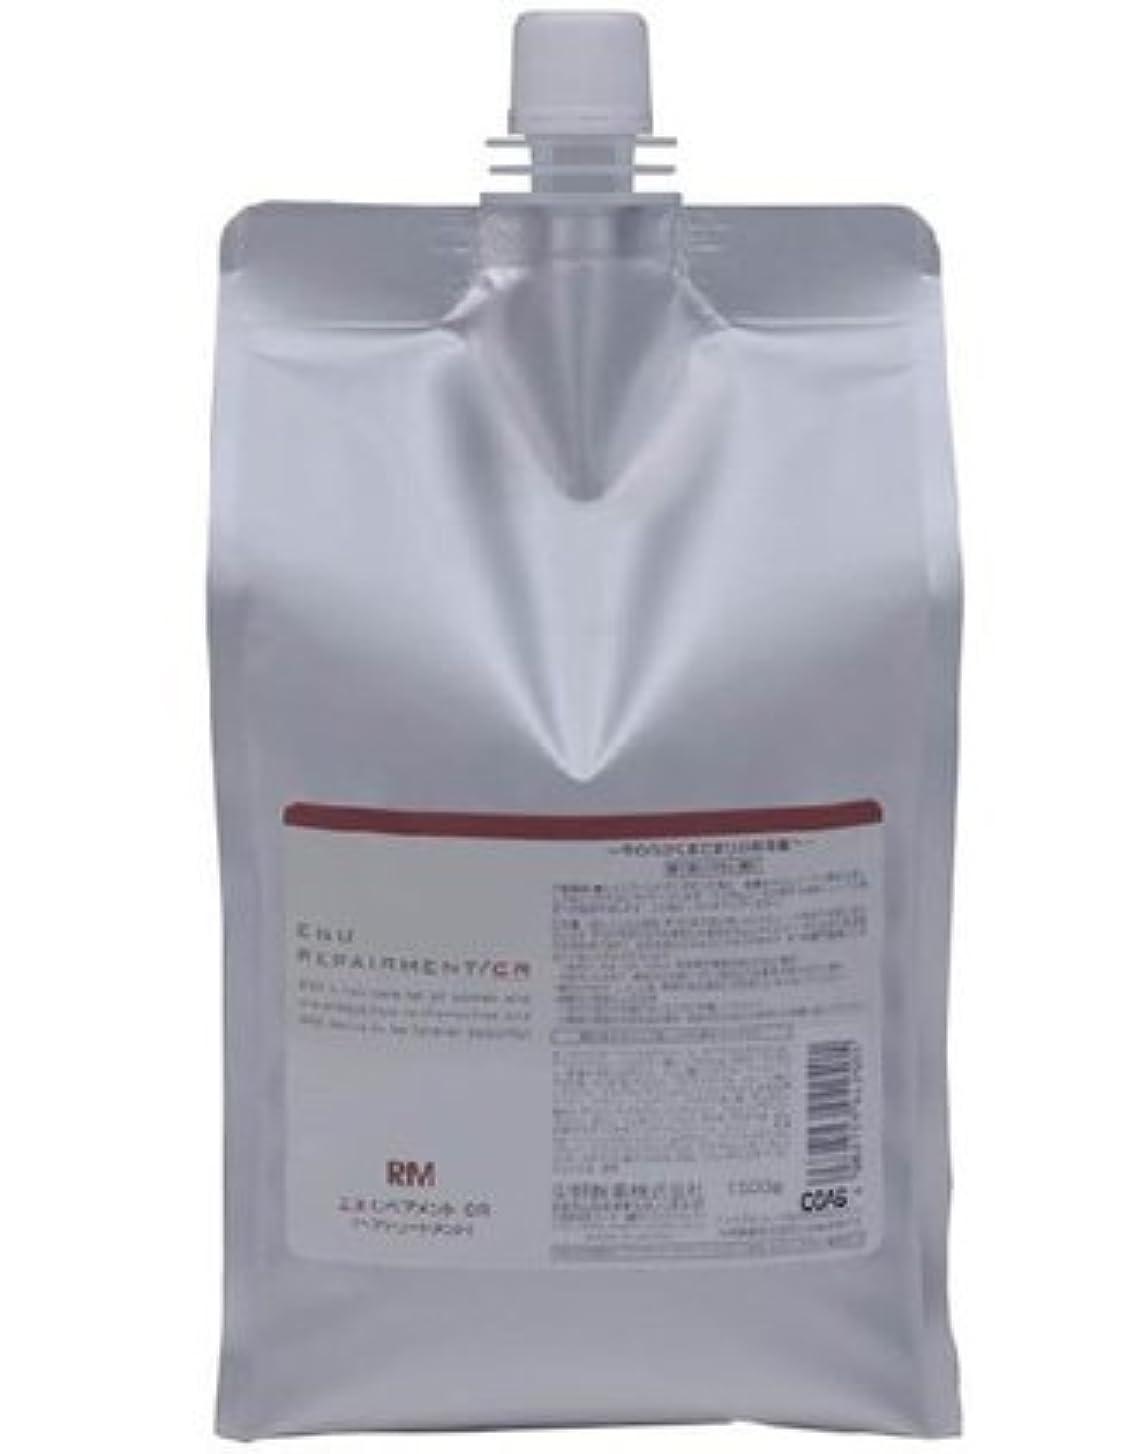 未使用出来事メイド中野製薬 ENU エヌ リペアメント CR 1500g レフィル 詰替え用